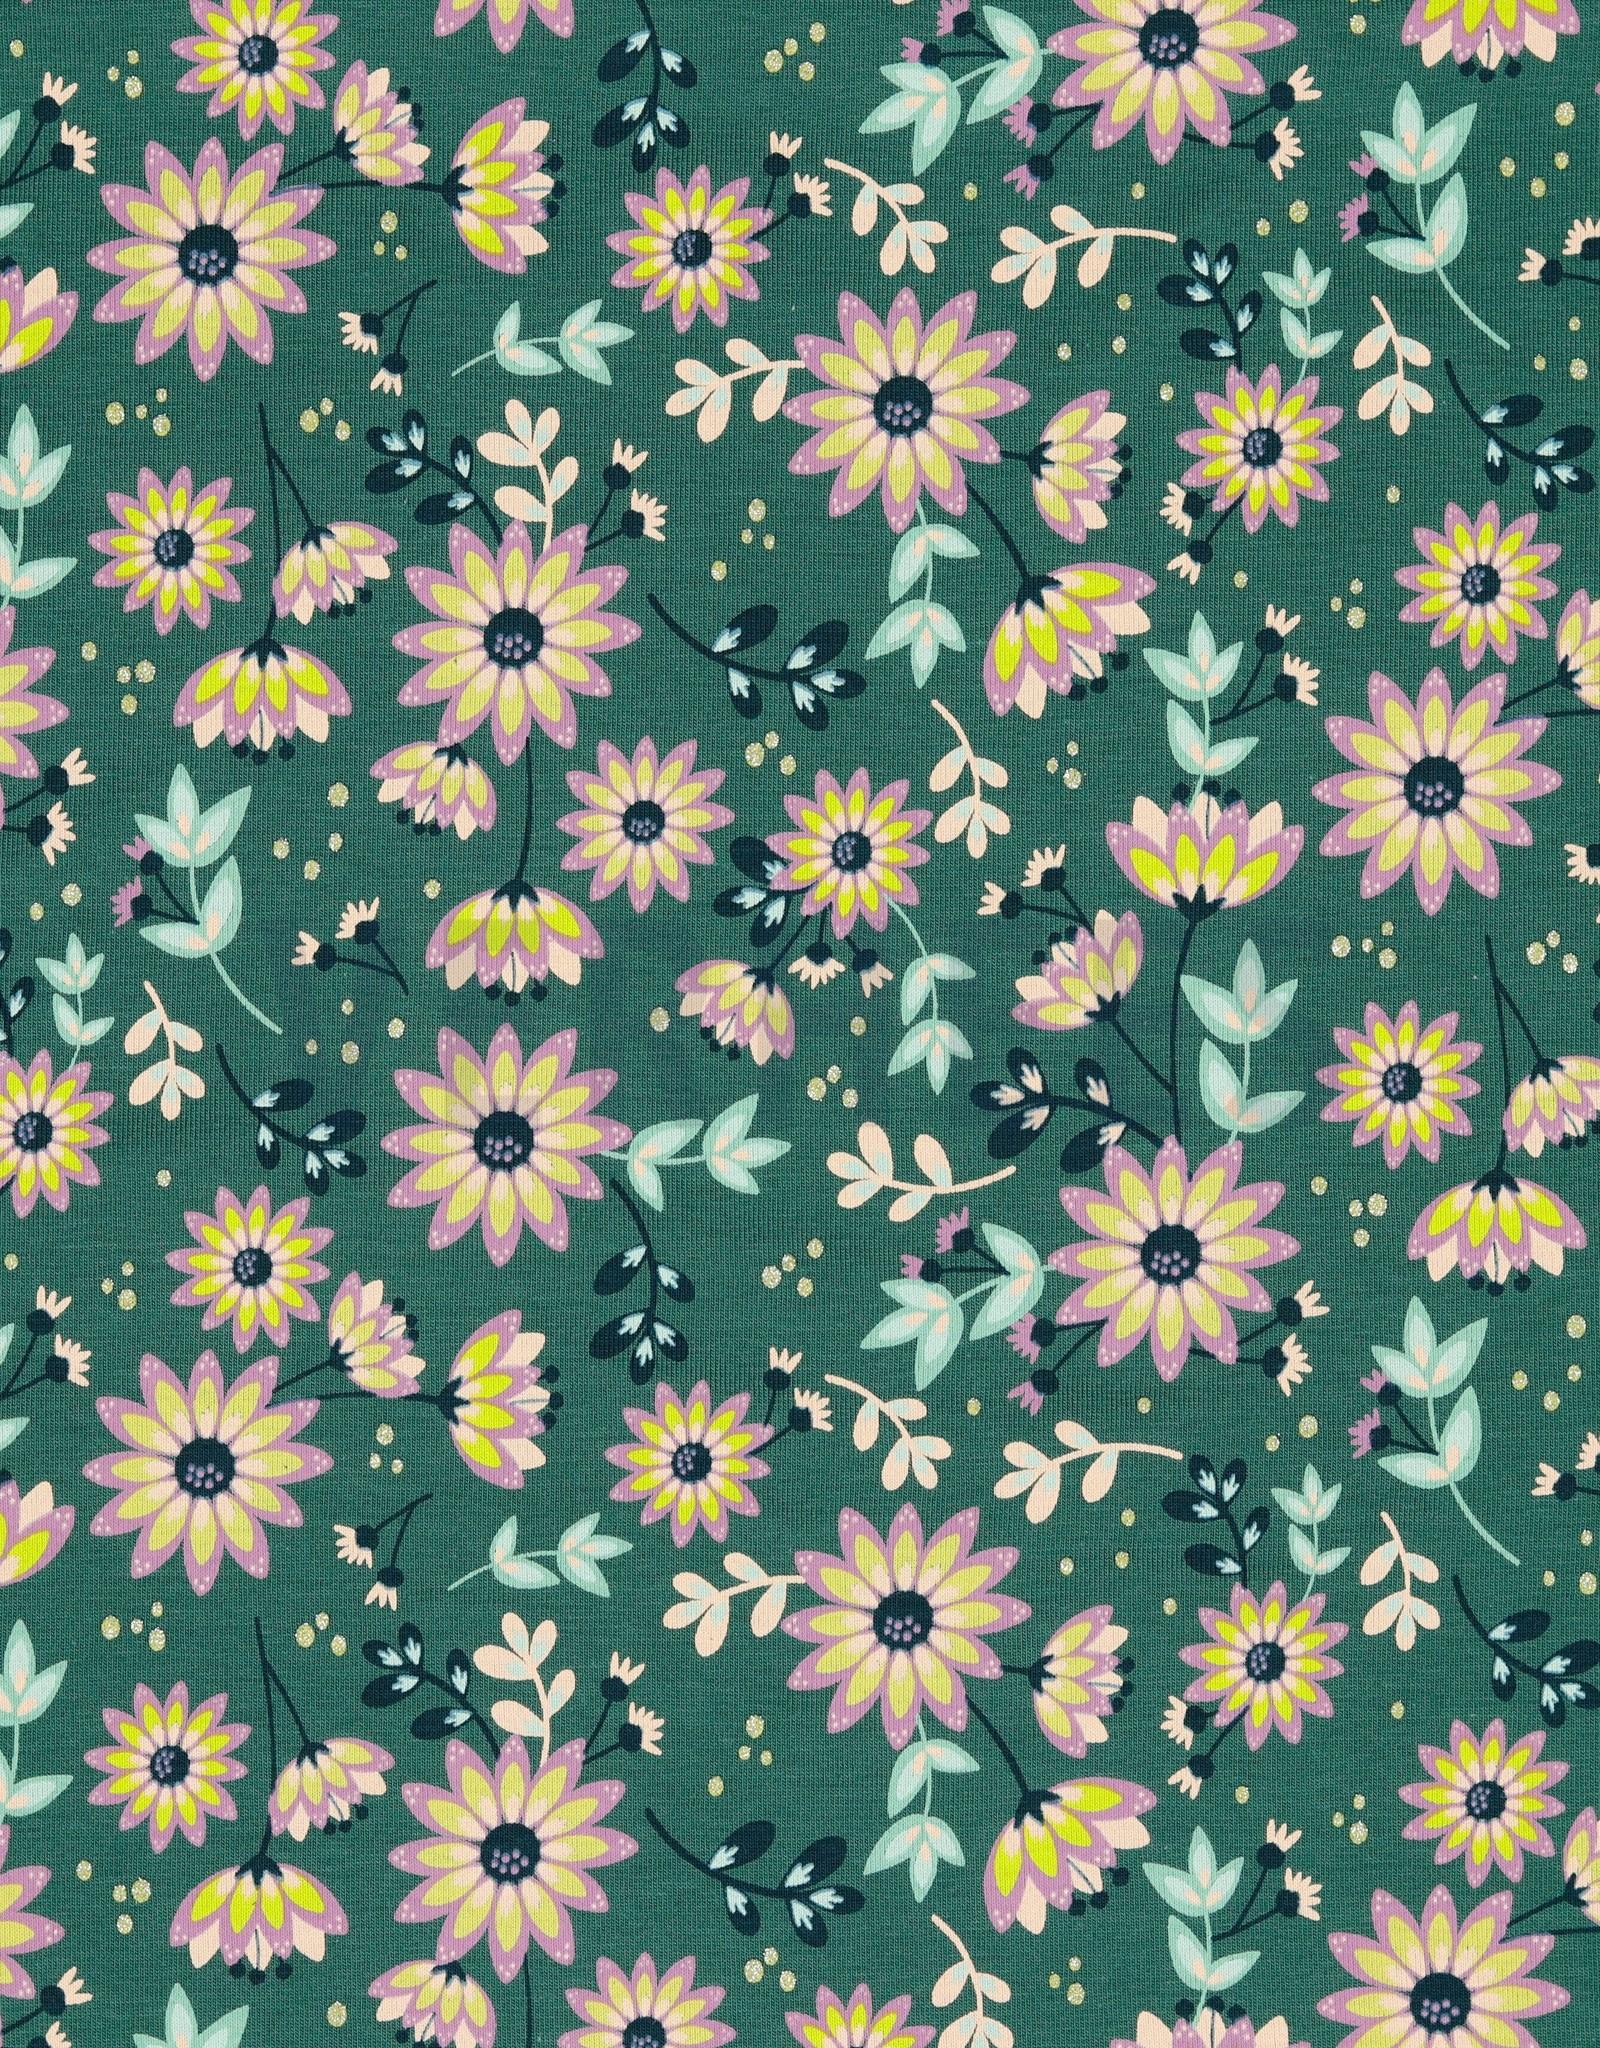 Poppy JERSEY GLITTER FLOWERS - OLD GREEN